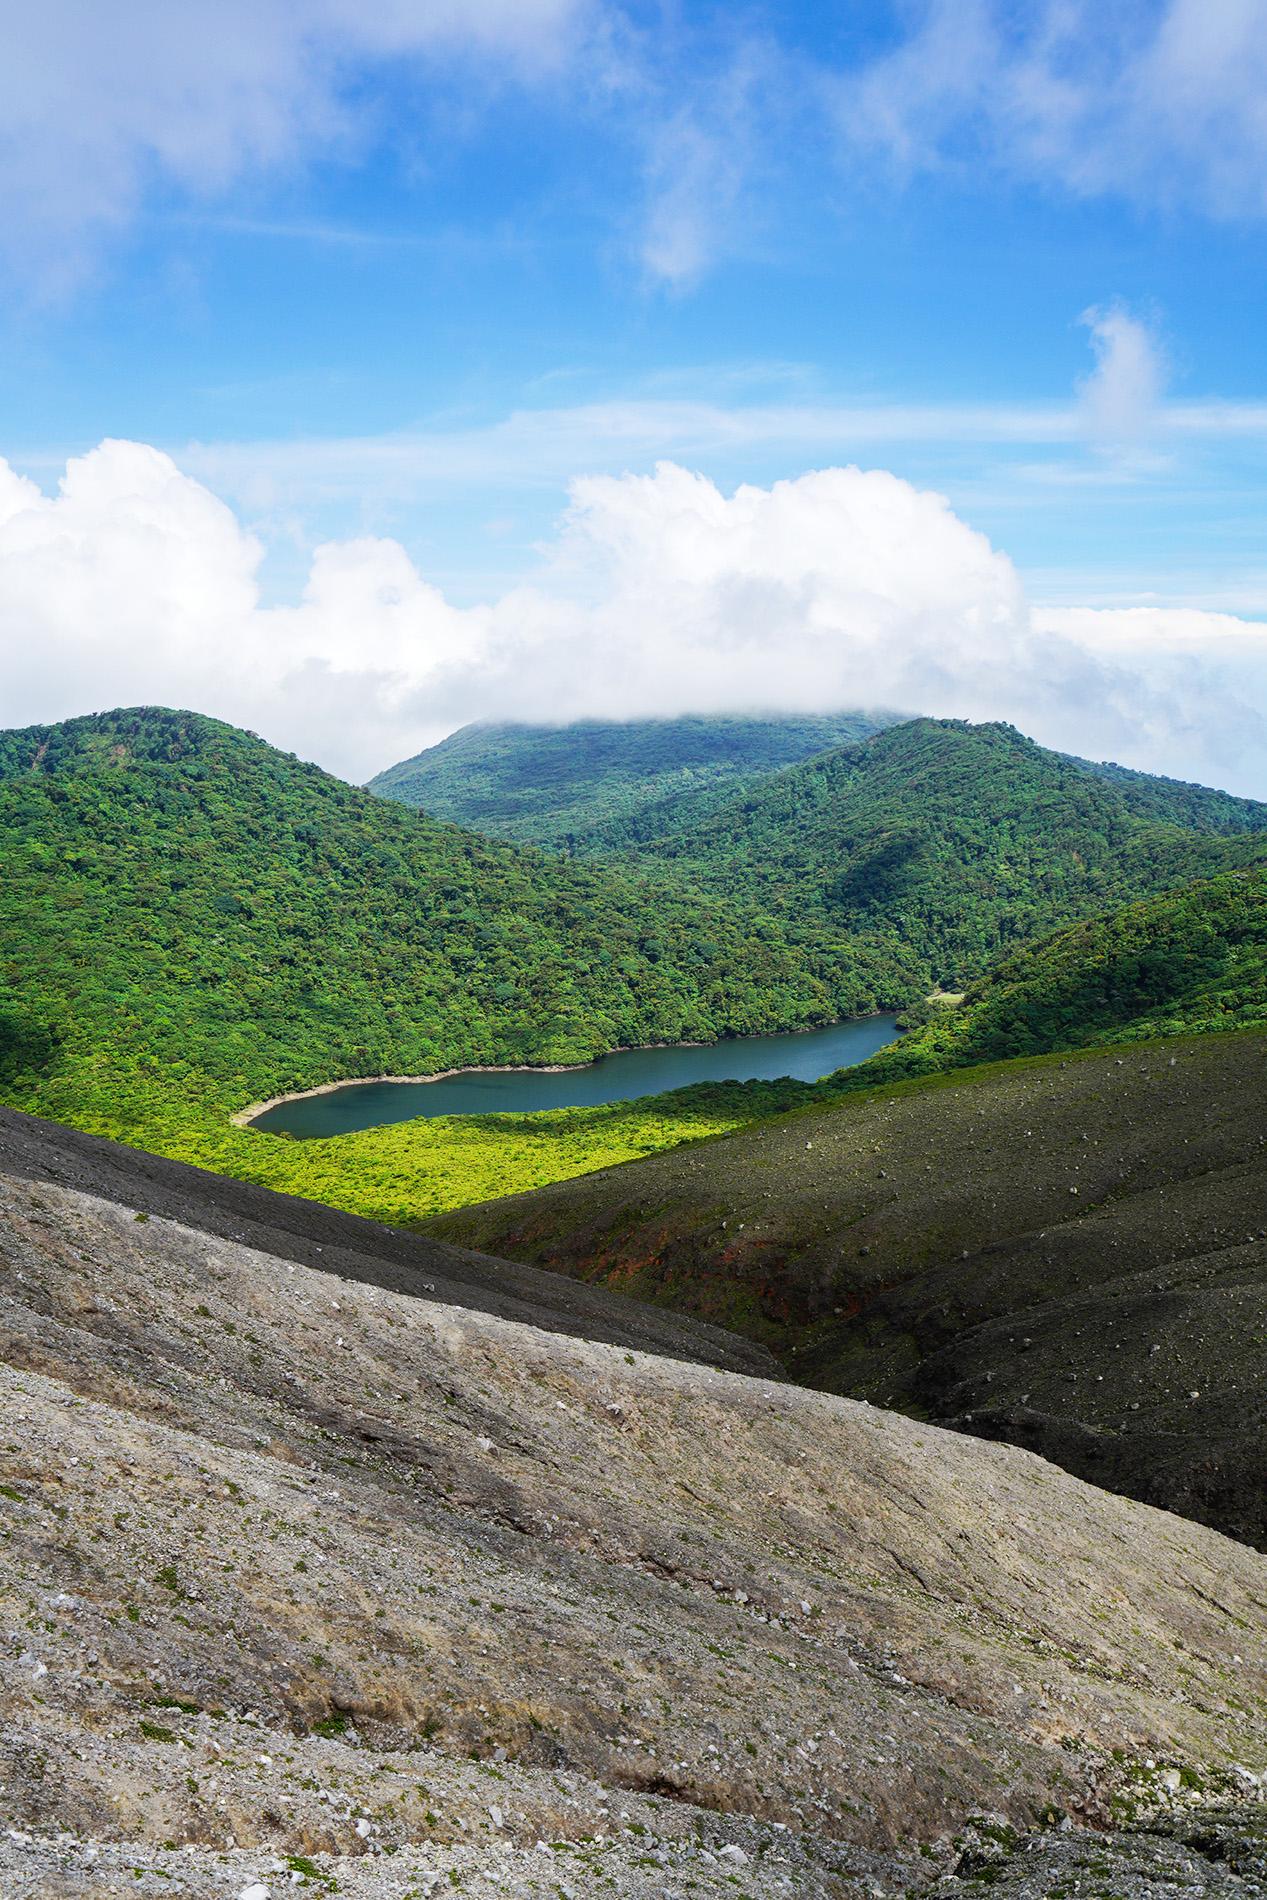 Desierto Volcánico con Laguna Jilegueros. Archivo previo a cierre de parque